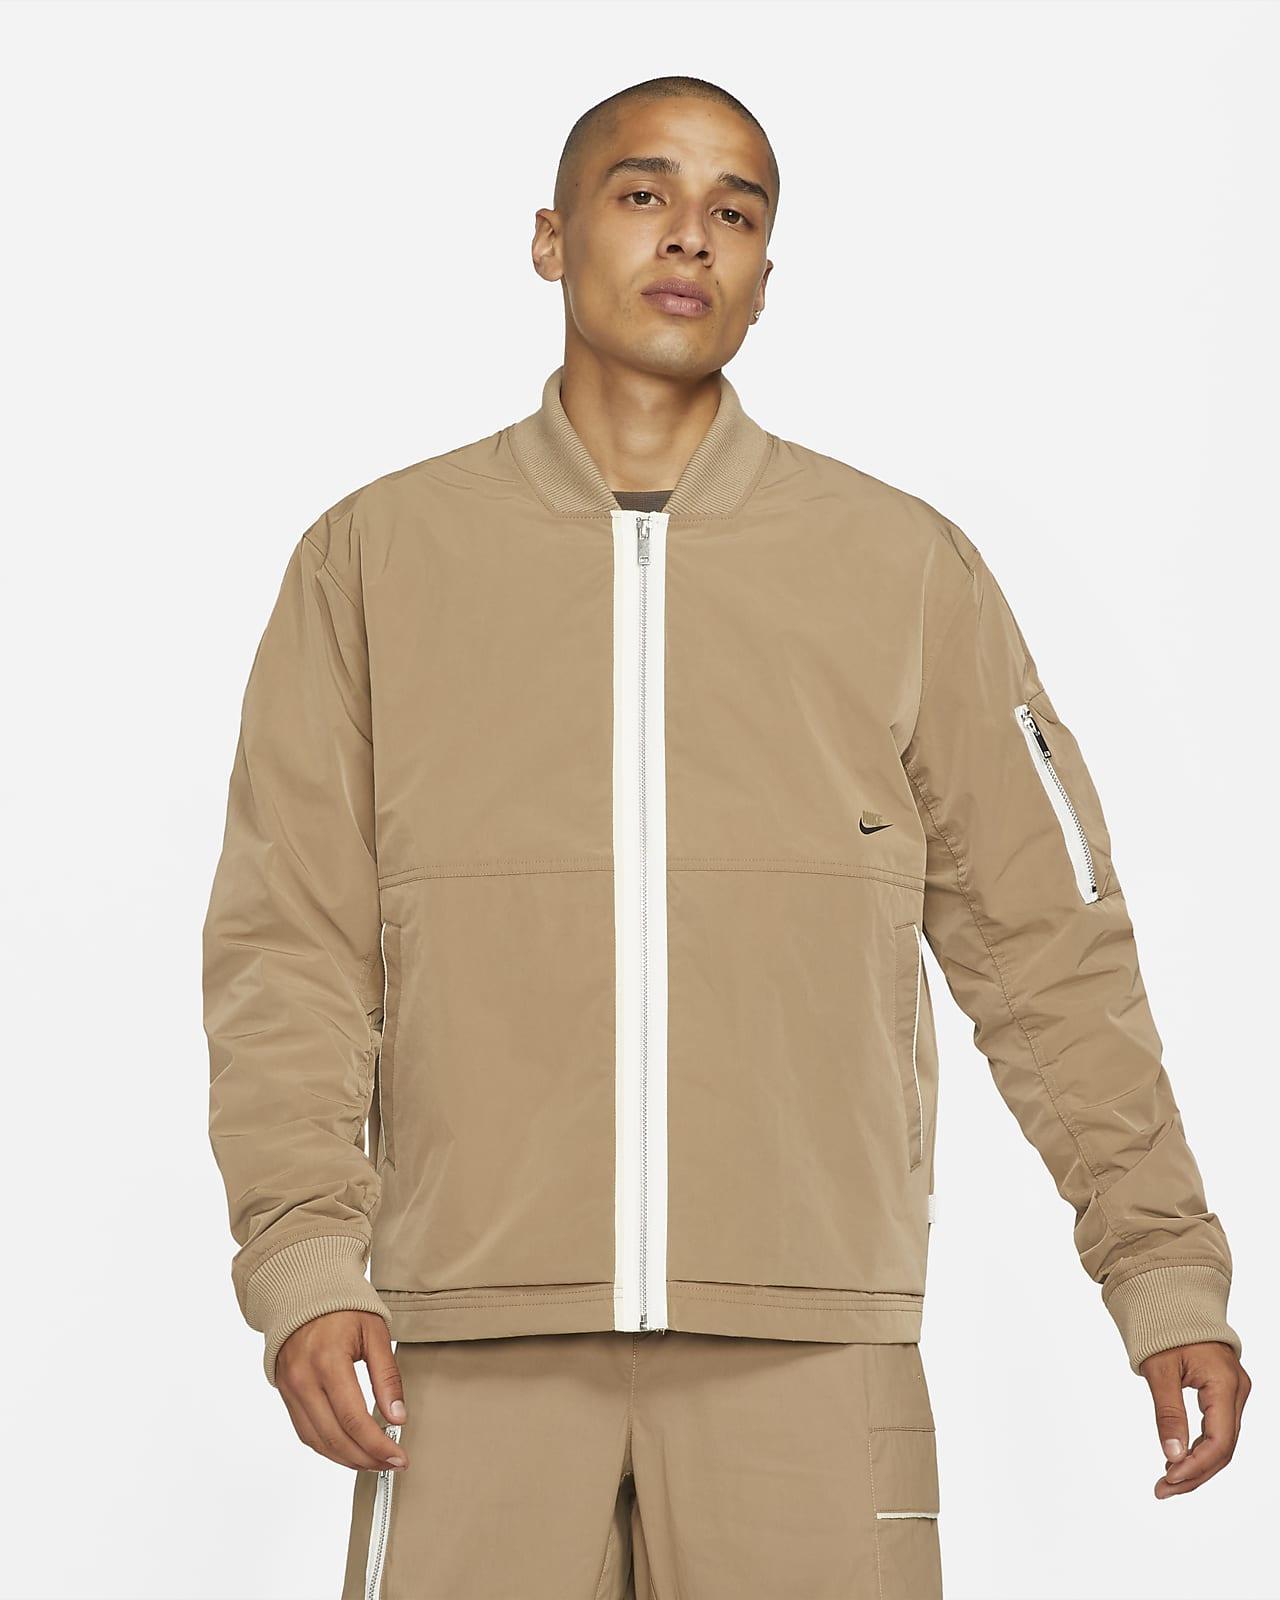 Veste aviateur avec doublure Nike Sportswear Style Essentials pour Homme